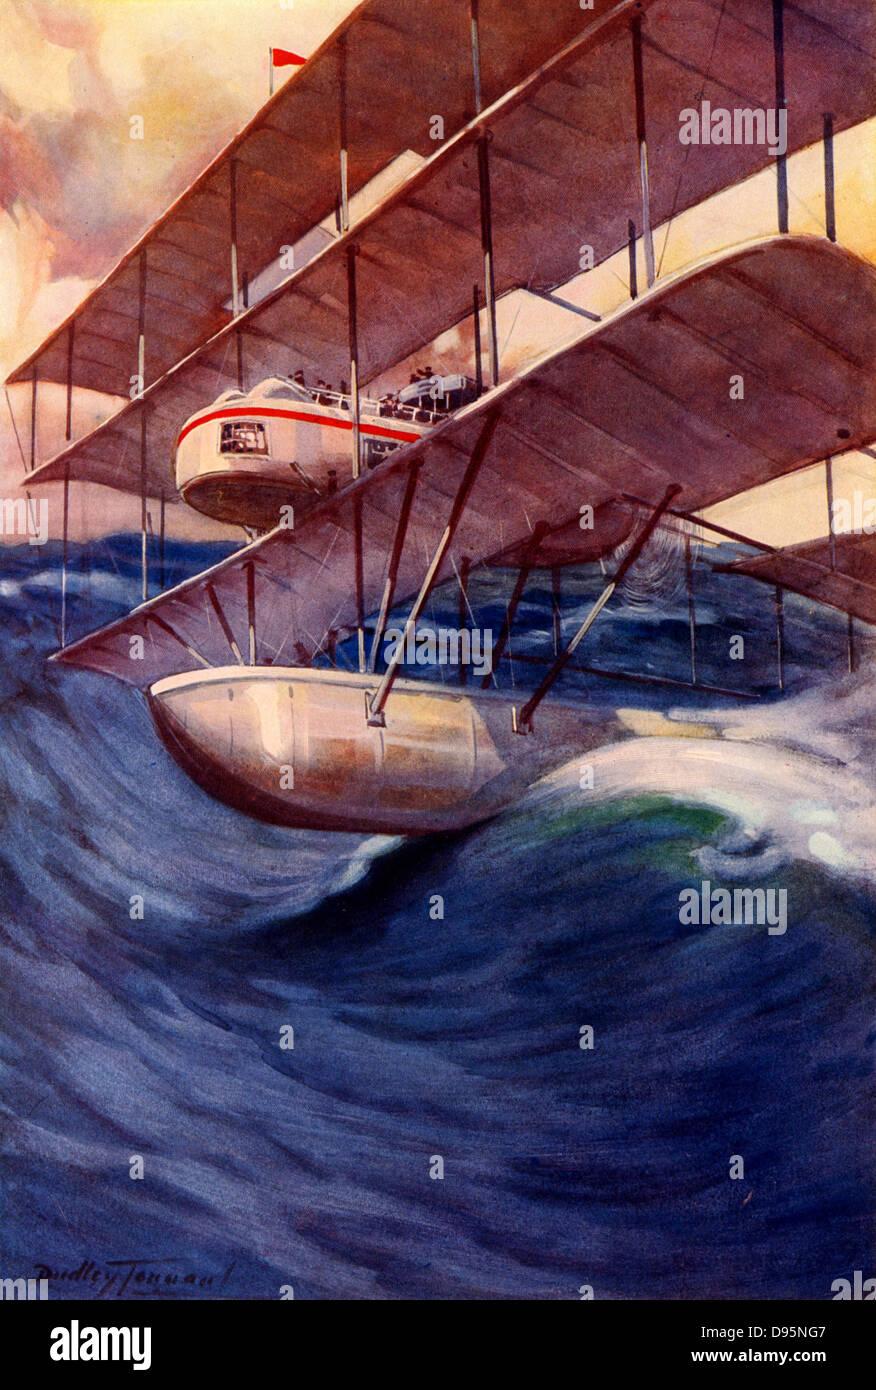 La Air-Liner del Futuro, 1914. La idea de una camisa aéreo transatlántico que volaría a 10.000, pero en una emergencia Foto de stock